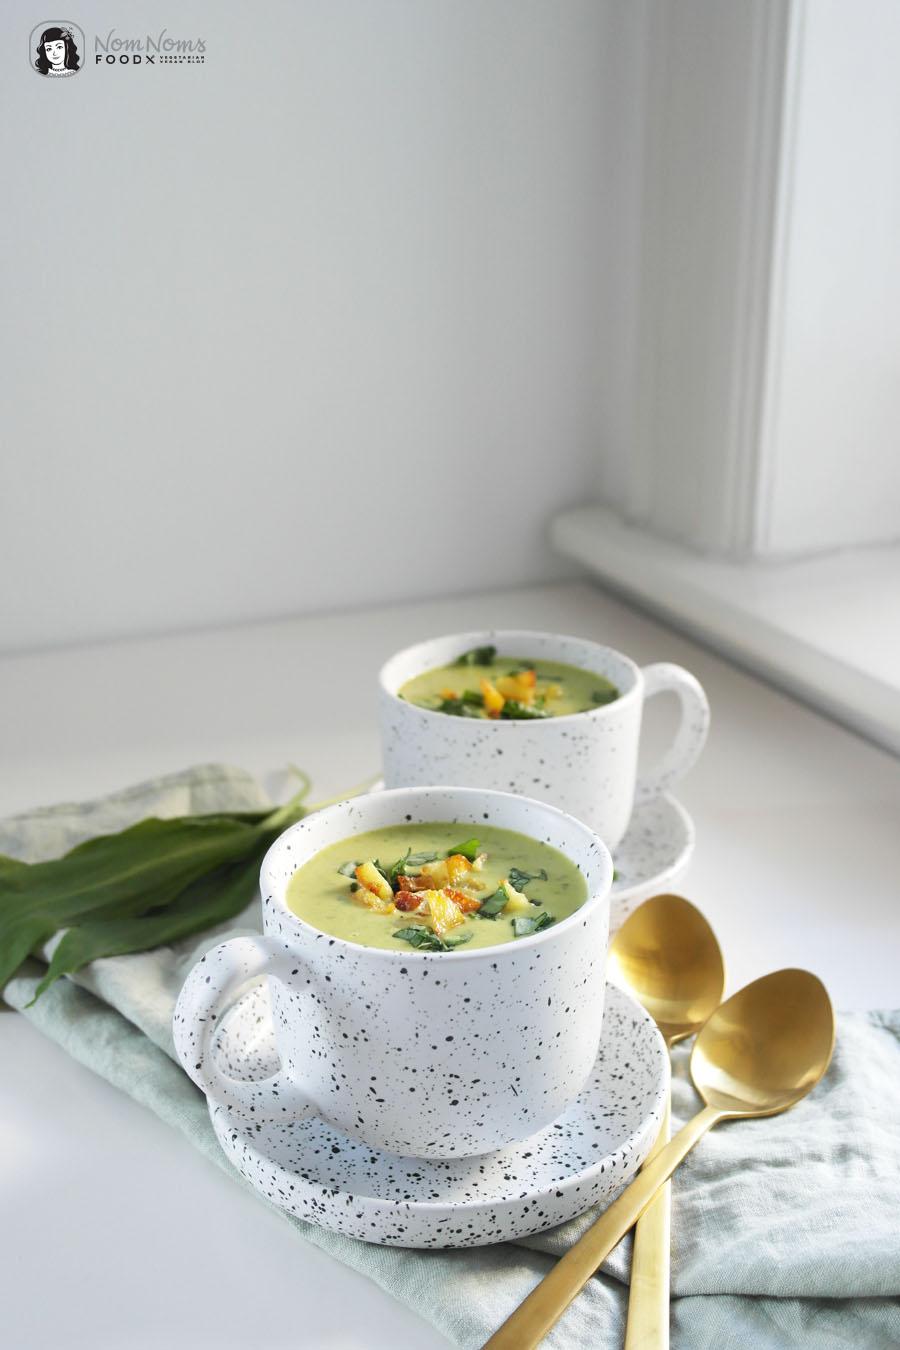 Bärlauch-Erbsen-Suppe mit knusprigen Kartoffel-Würfeln